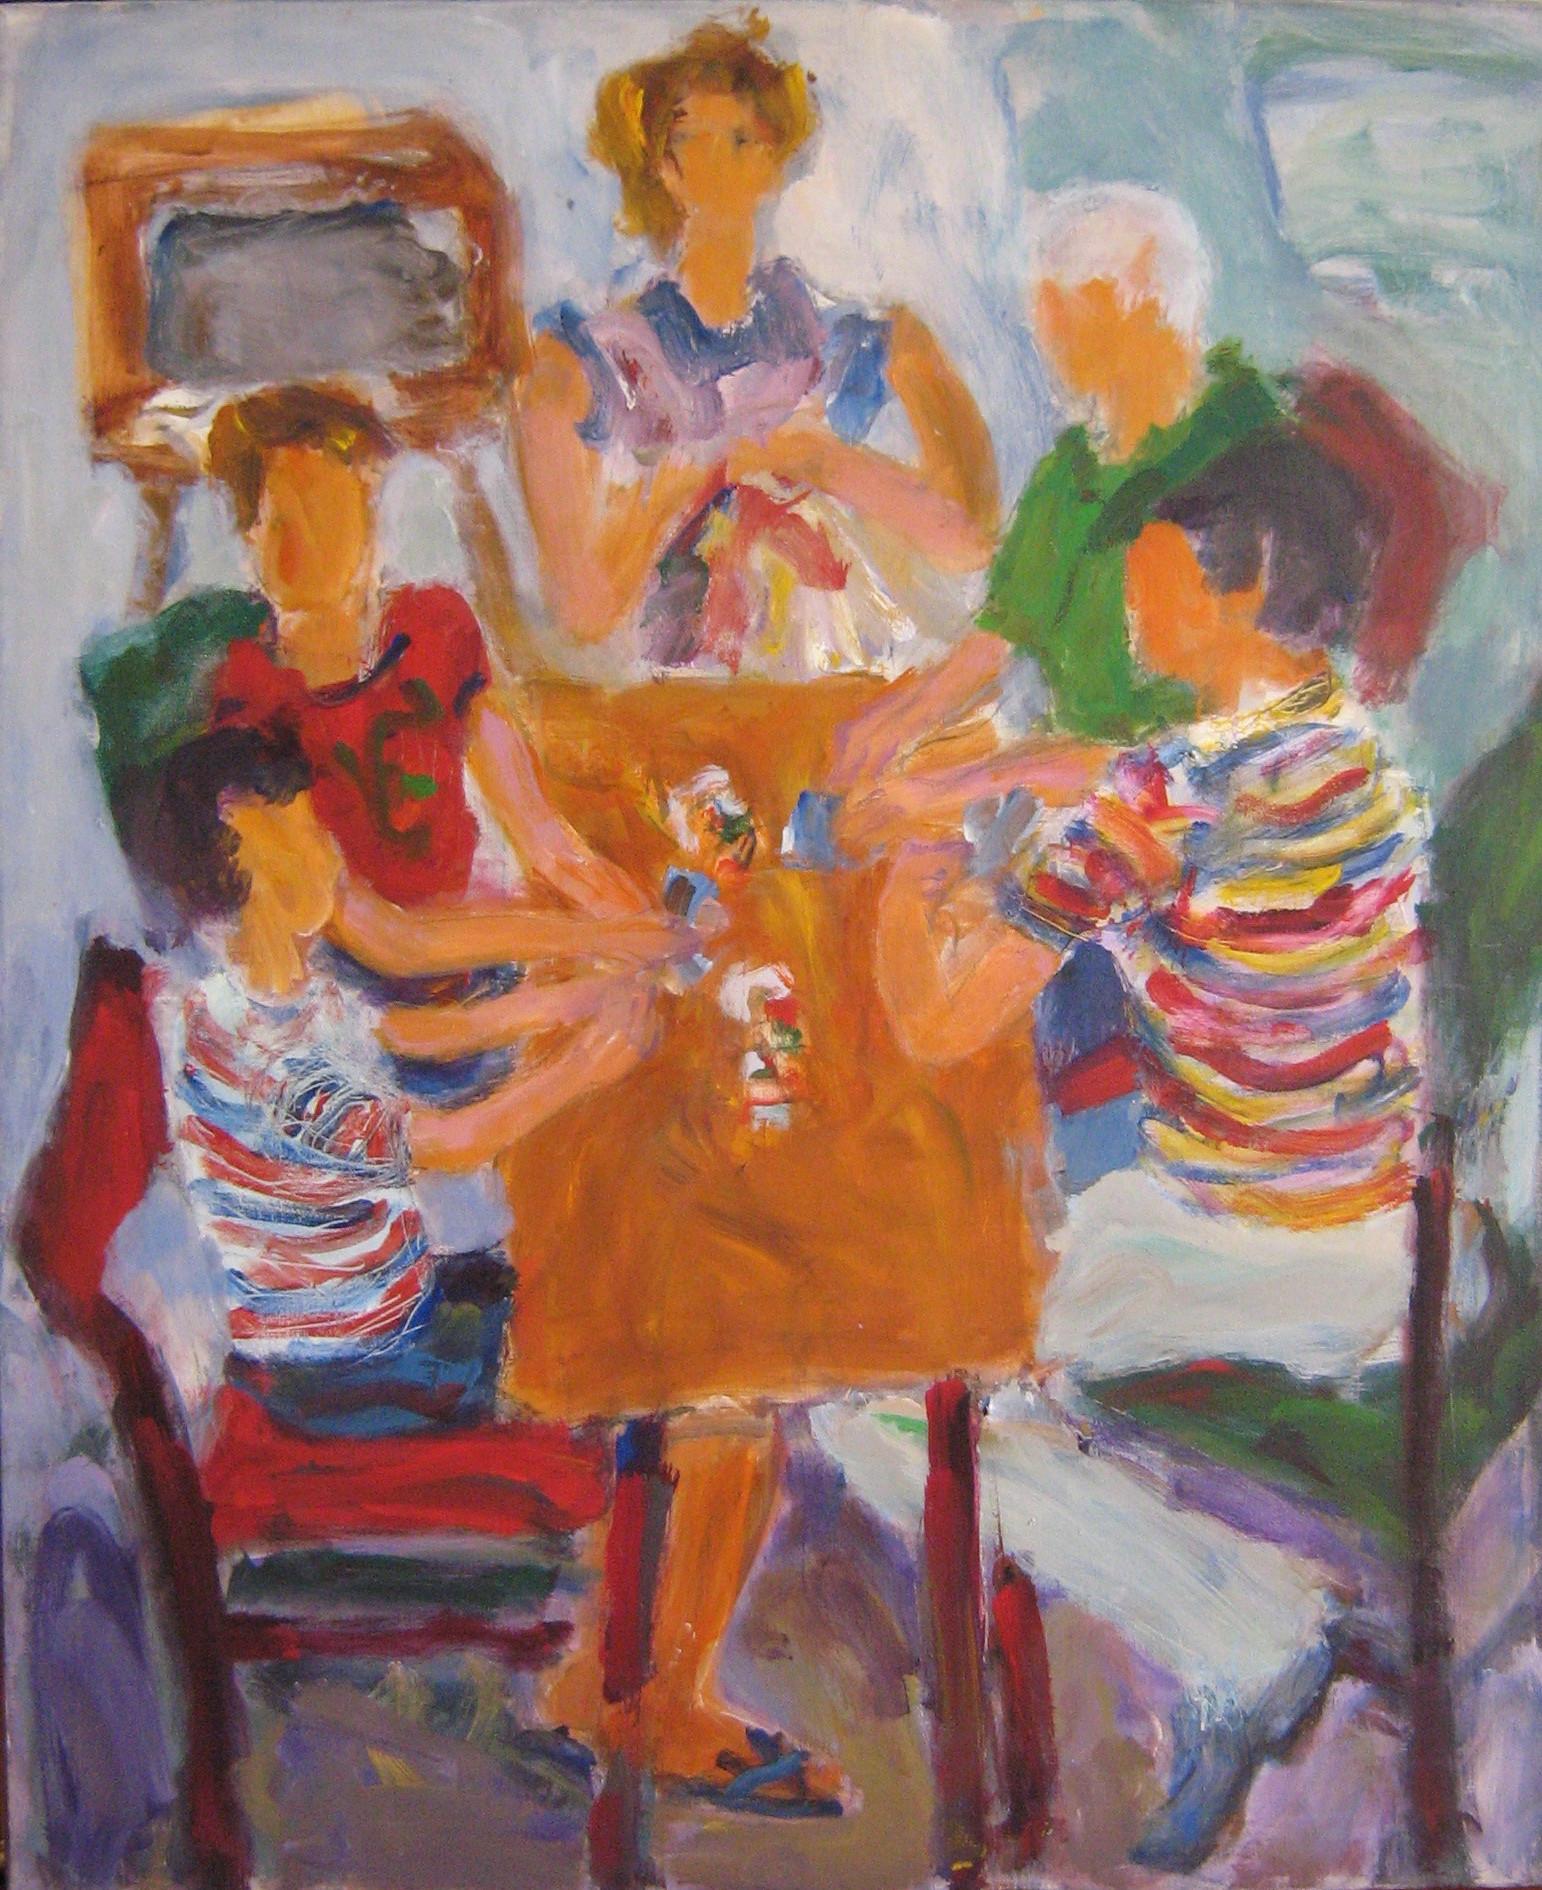 Los jugadores 1995 acr lico sobre lienzo 100 x 80 cm - Acrilico sobre lienzo ...